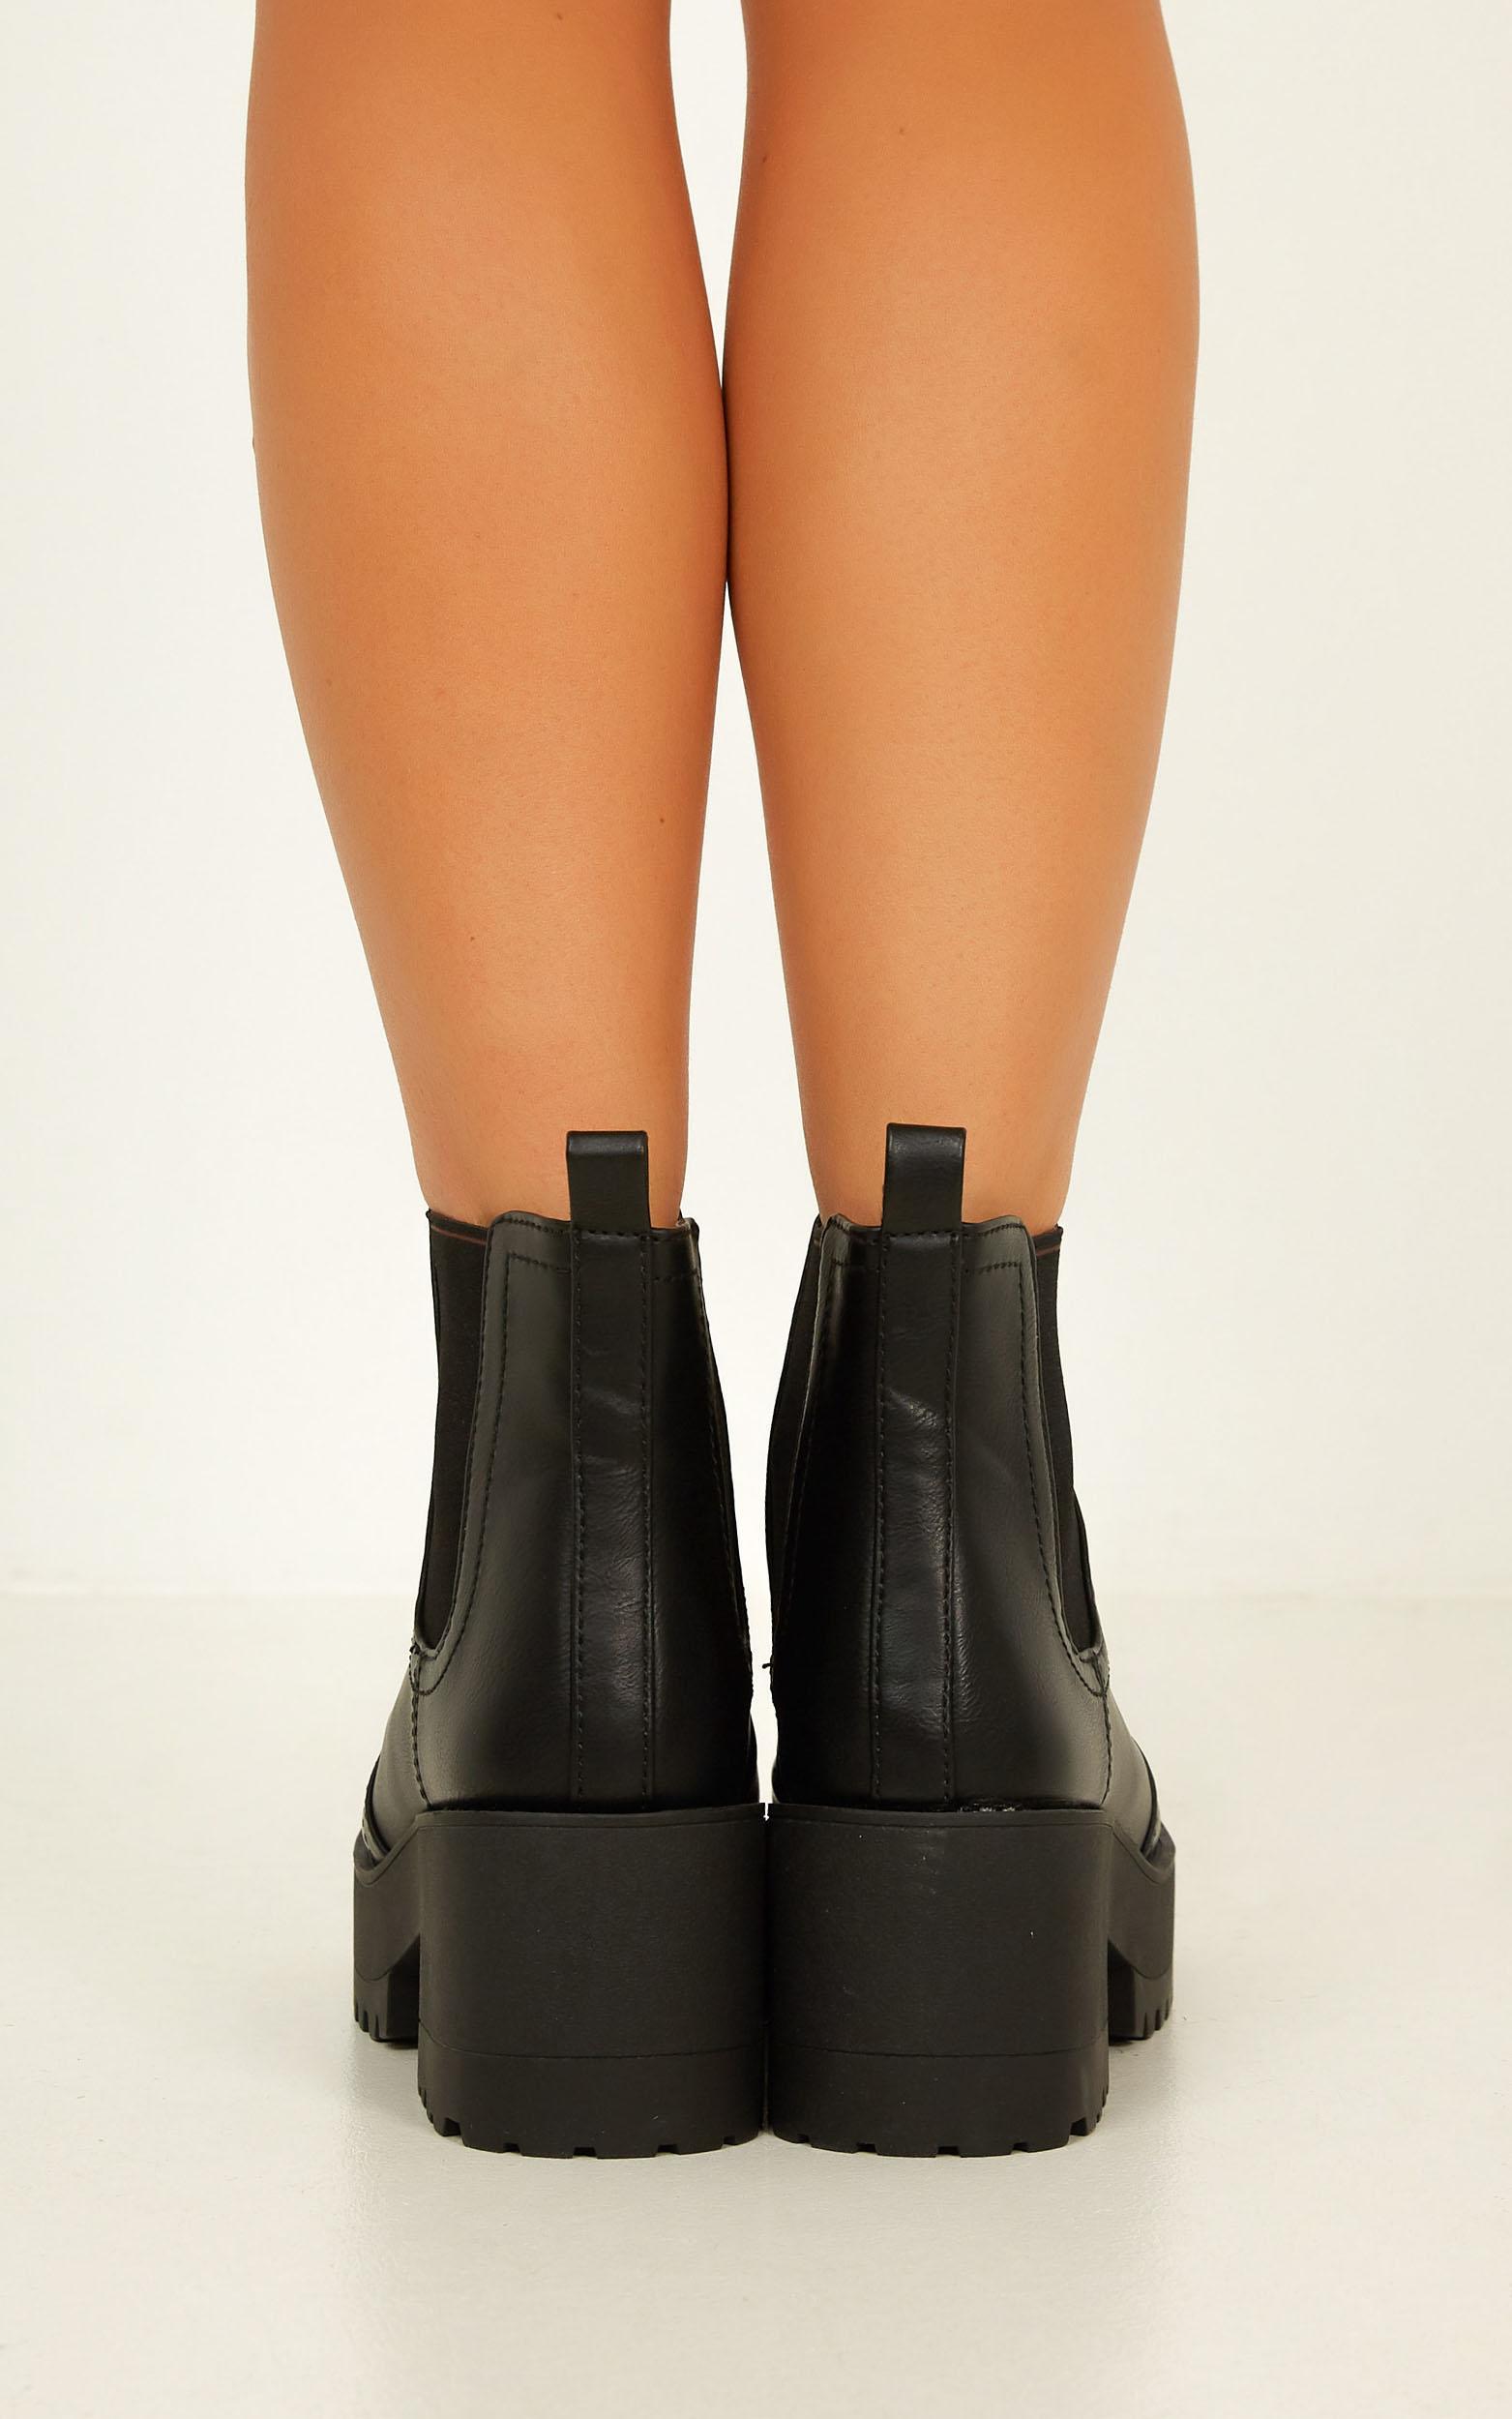 Lipstik - Eamon Boots in Black - 5, Black, hi-res image number null